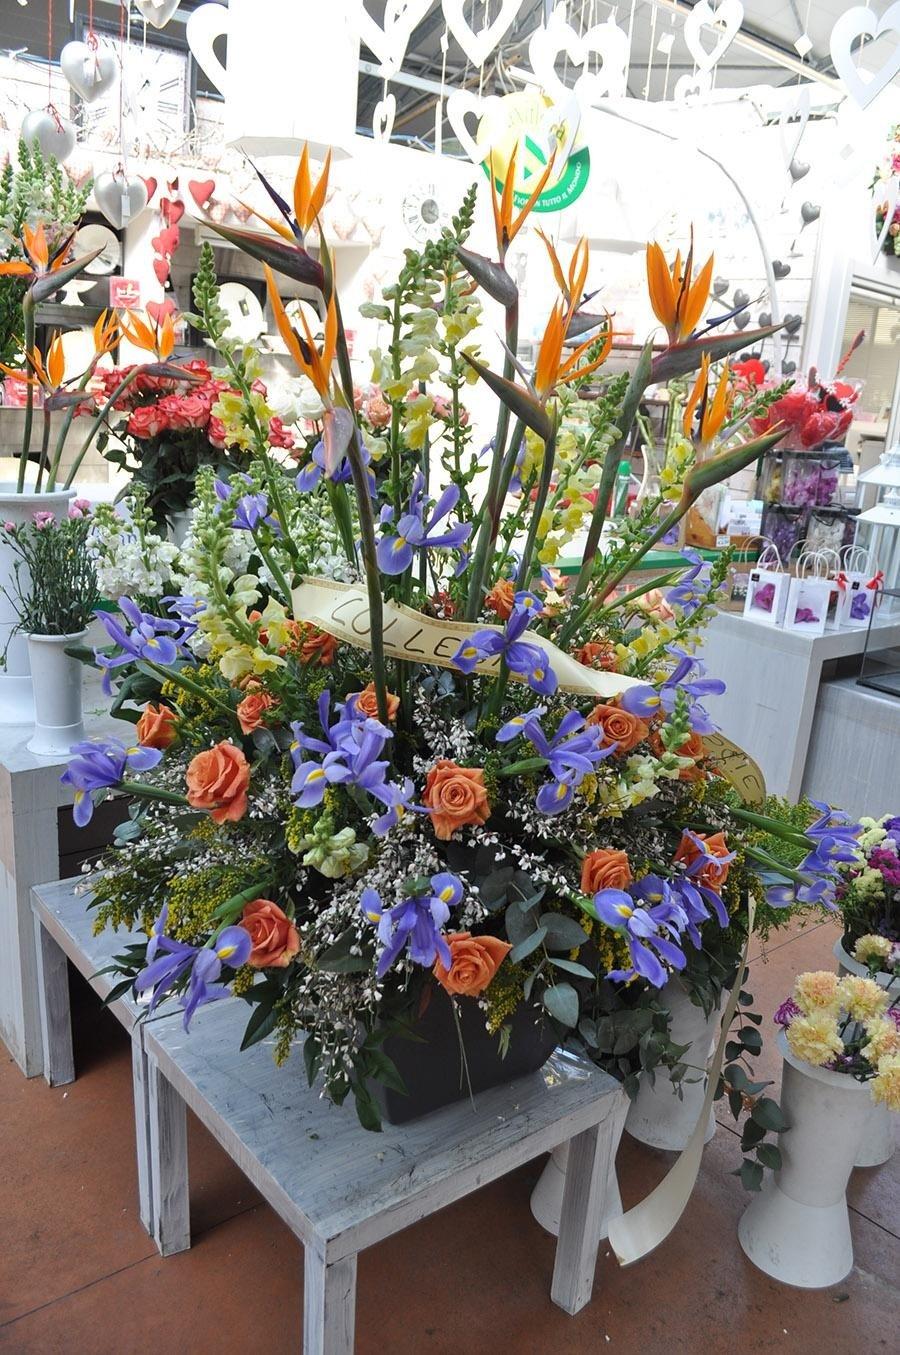 arredamento con fiori